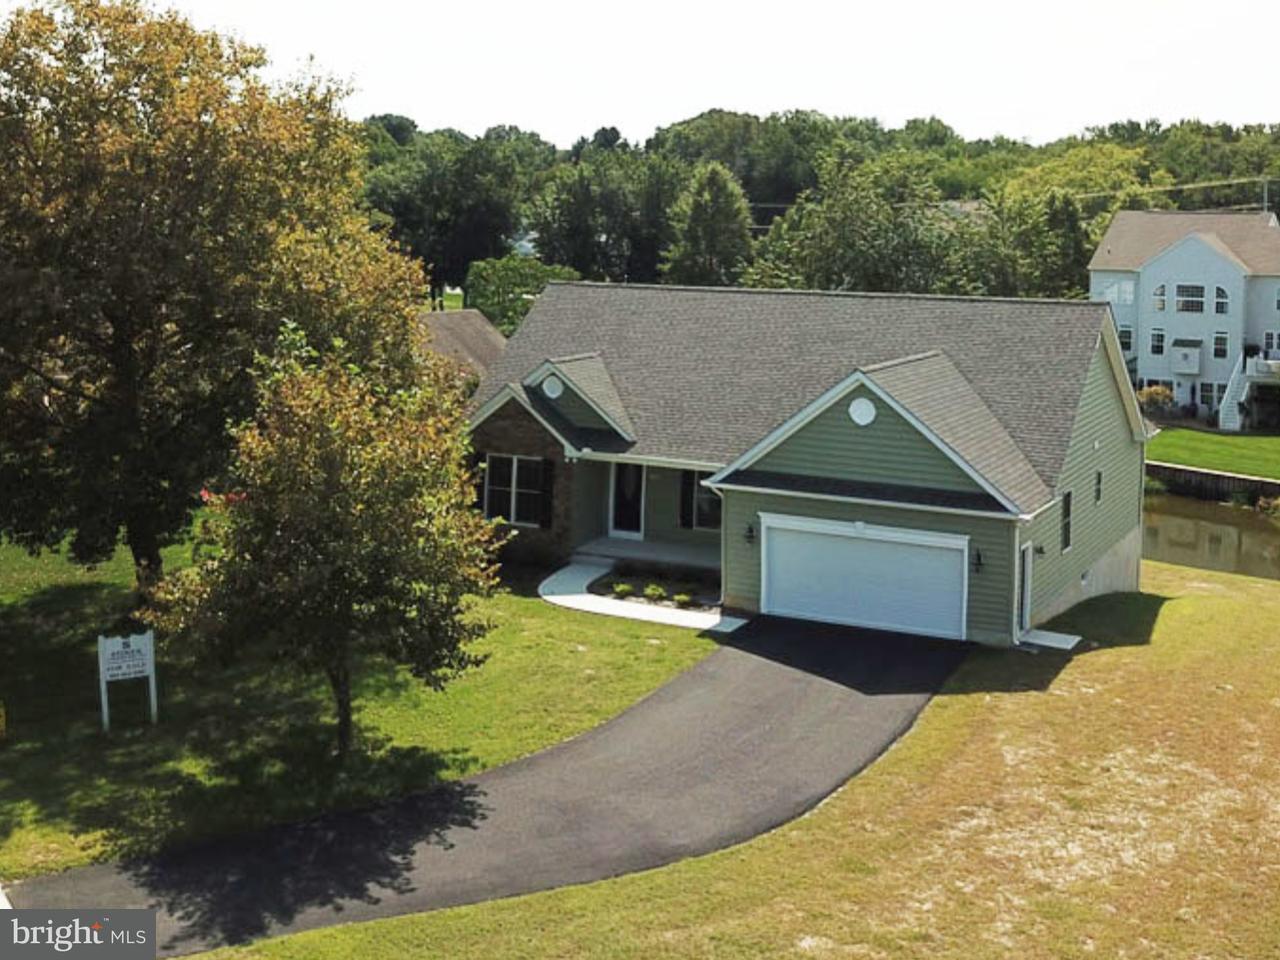 Частный односемейный дом для того Продажа на 699 OWENS BROOKE Drive Smyrna, Делавэр 19977 Соединенные Штаты